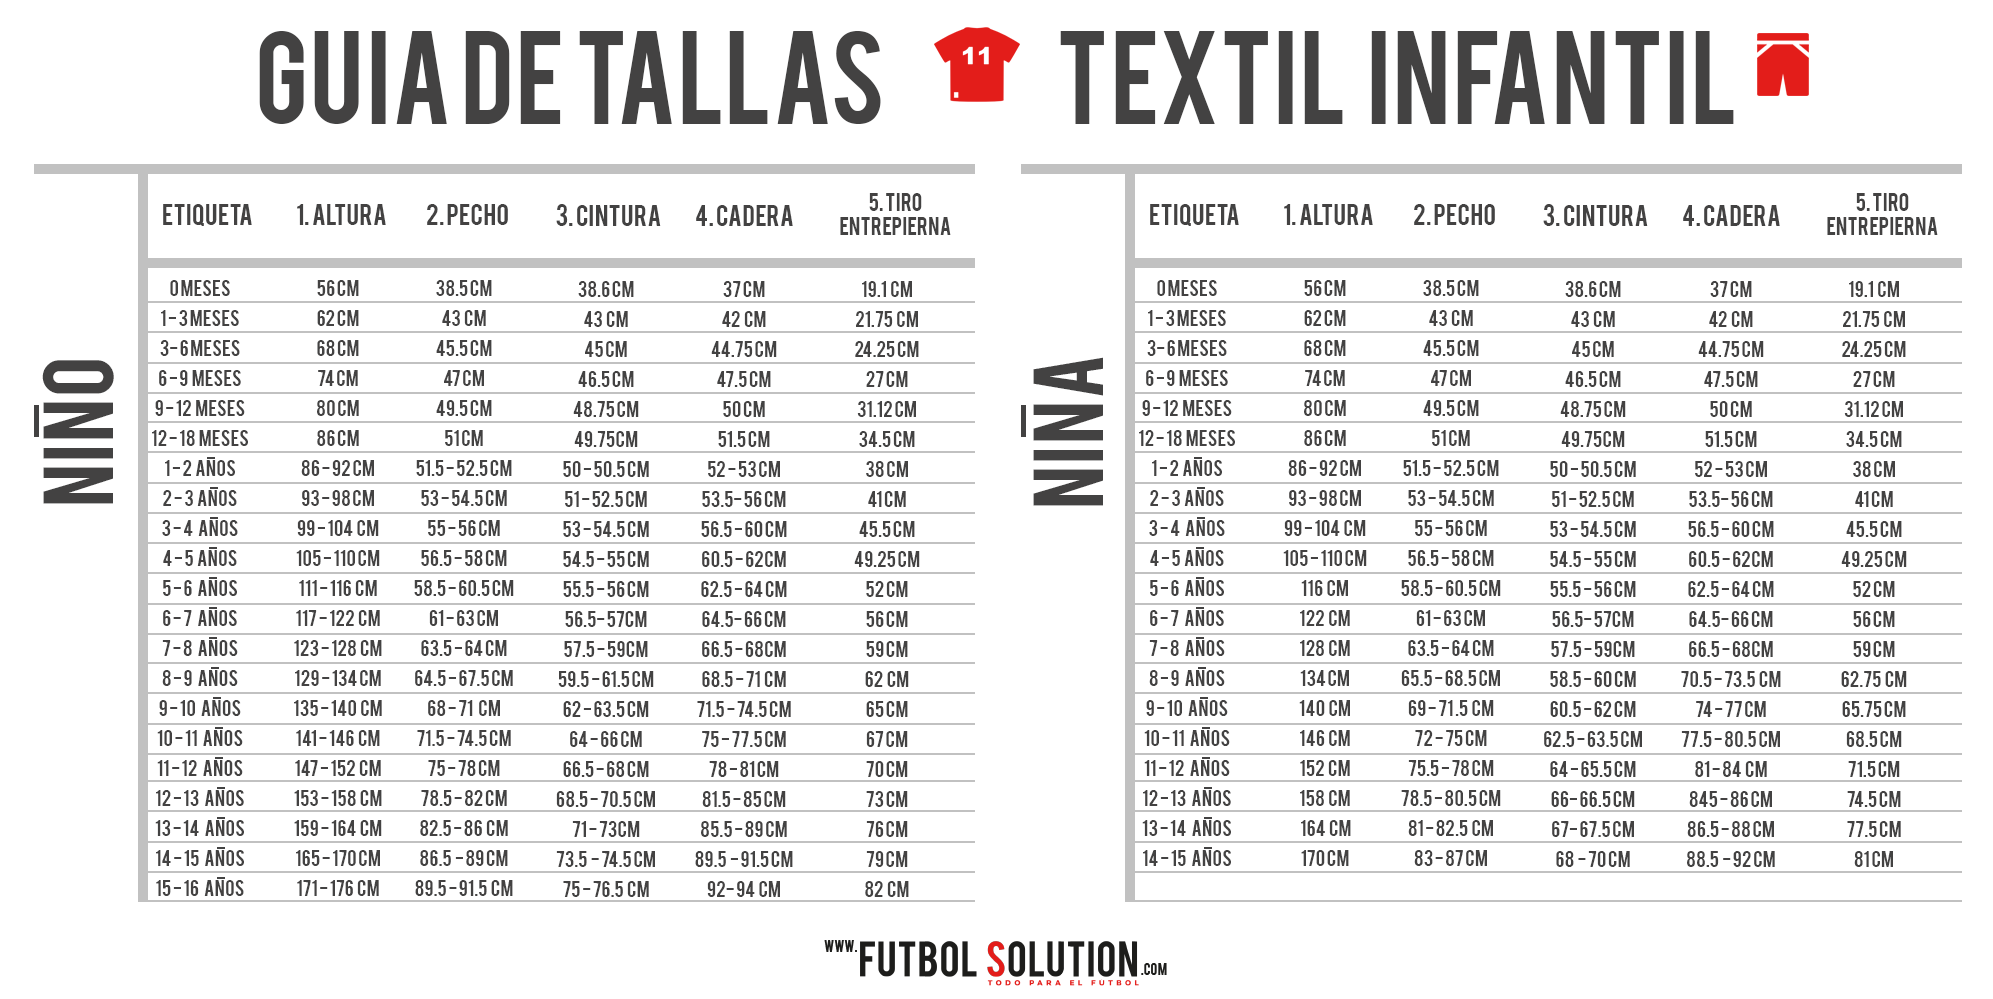 textil-infantil